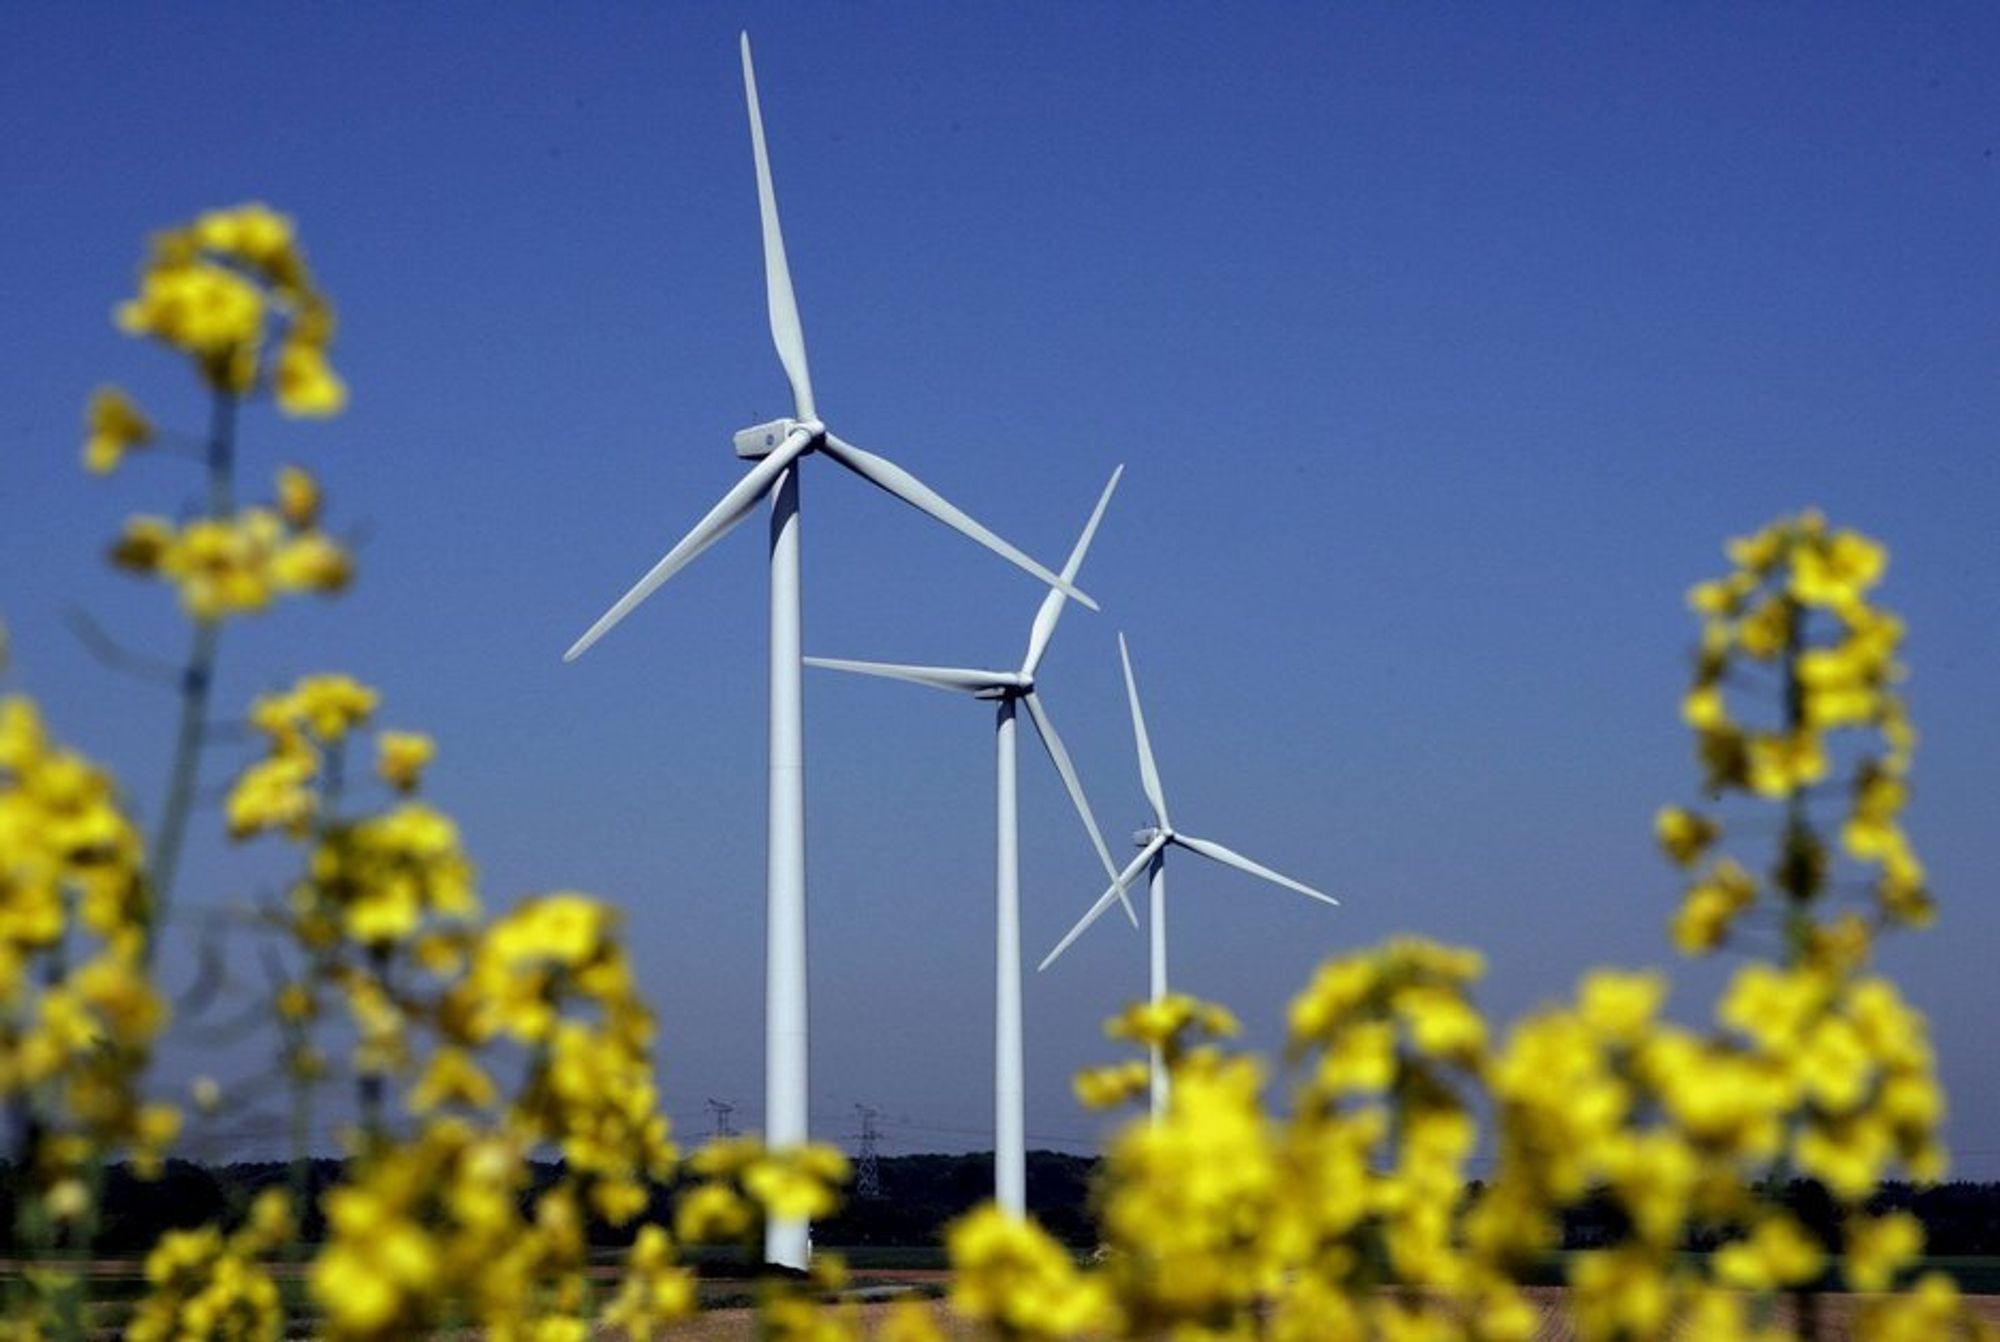 Vindturbiner er det beste for miljøet, viser studie. Biodrivstoff av begge typer er i mange tilfeller verre enn fossilt drivstoff.